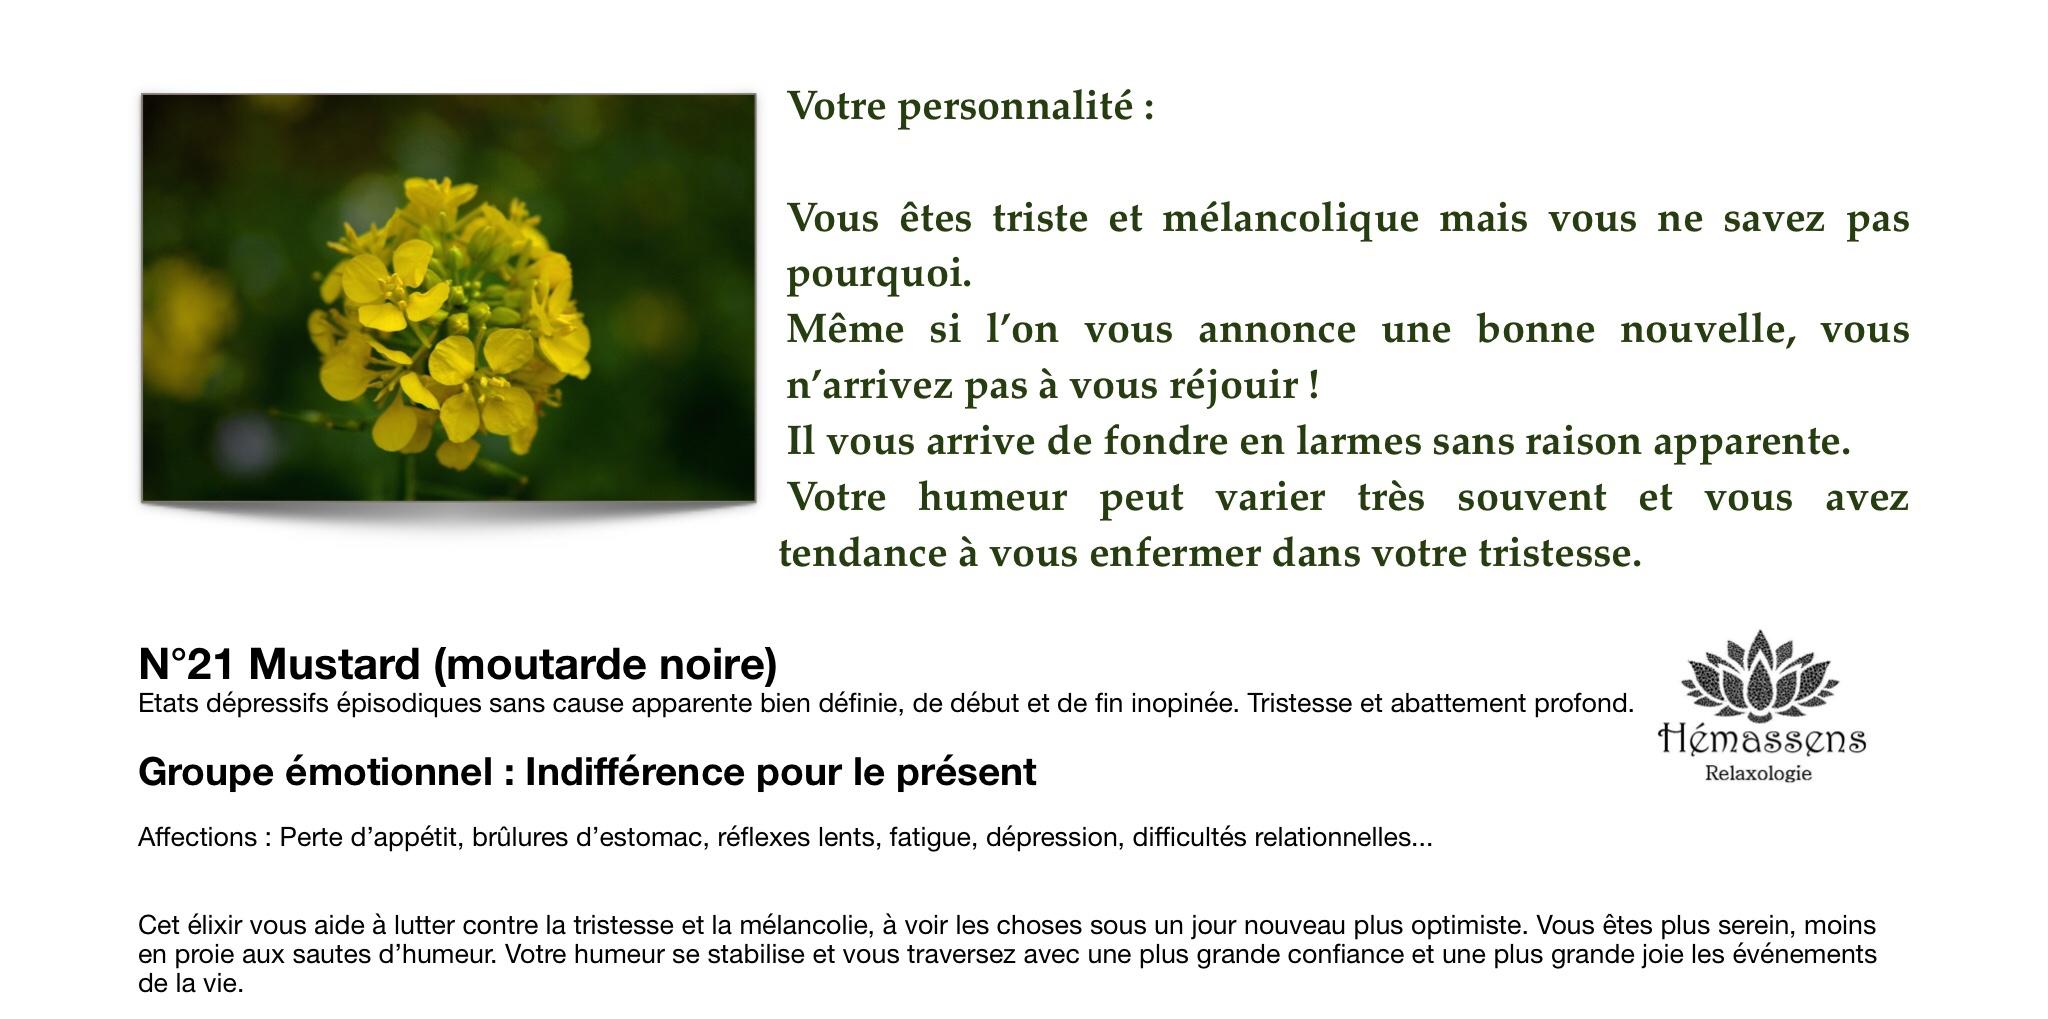 Mustard Fleur de Bach Hémassens Fameck